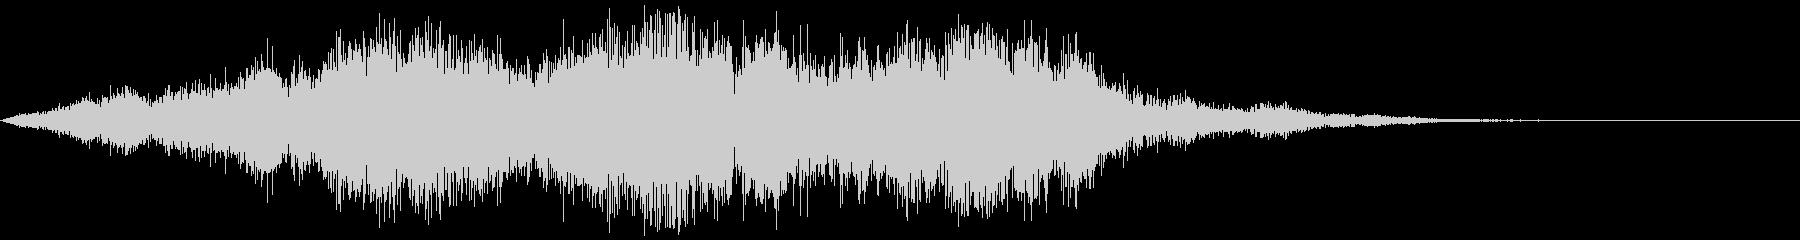 ホラー用重低音の未再生の波形